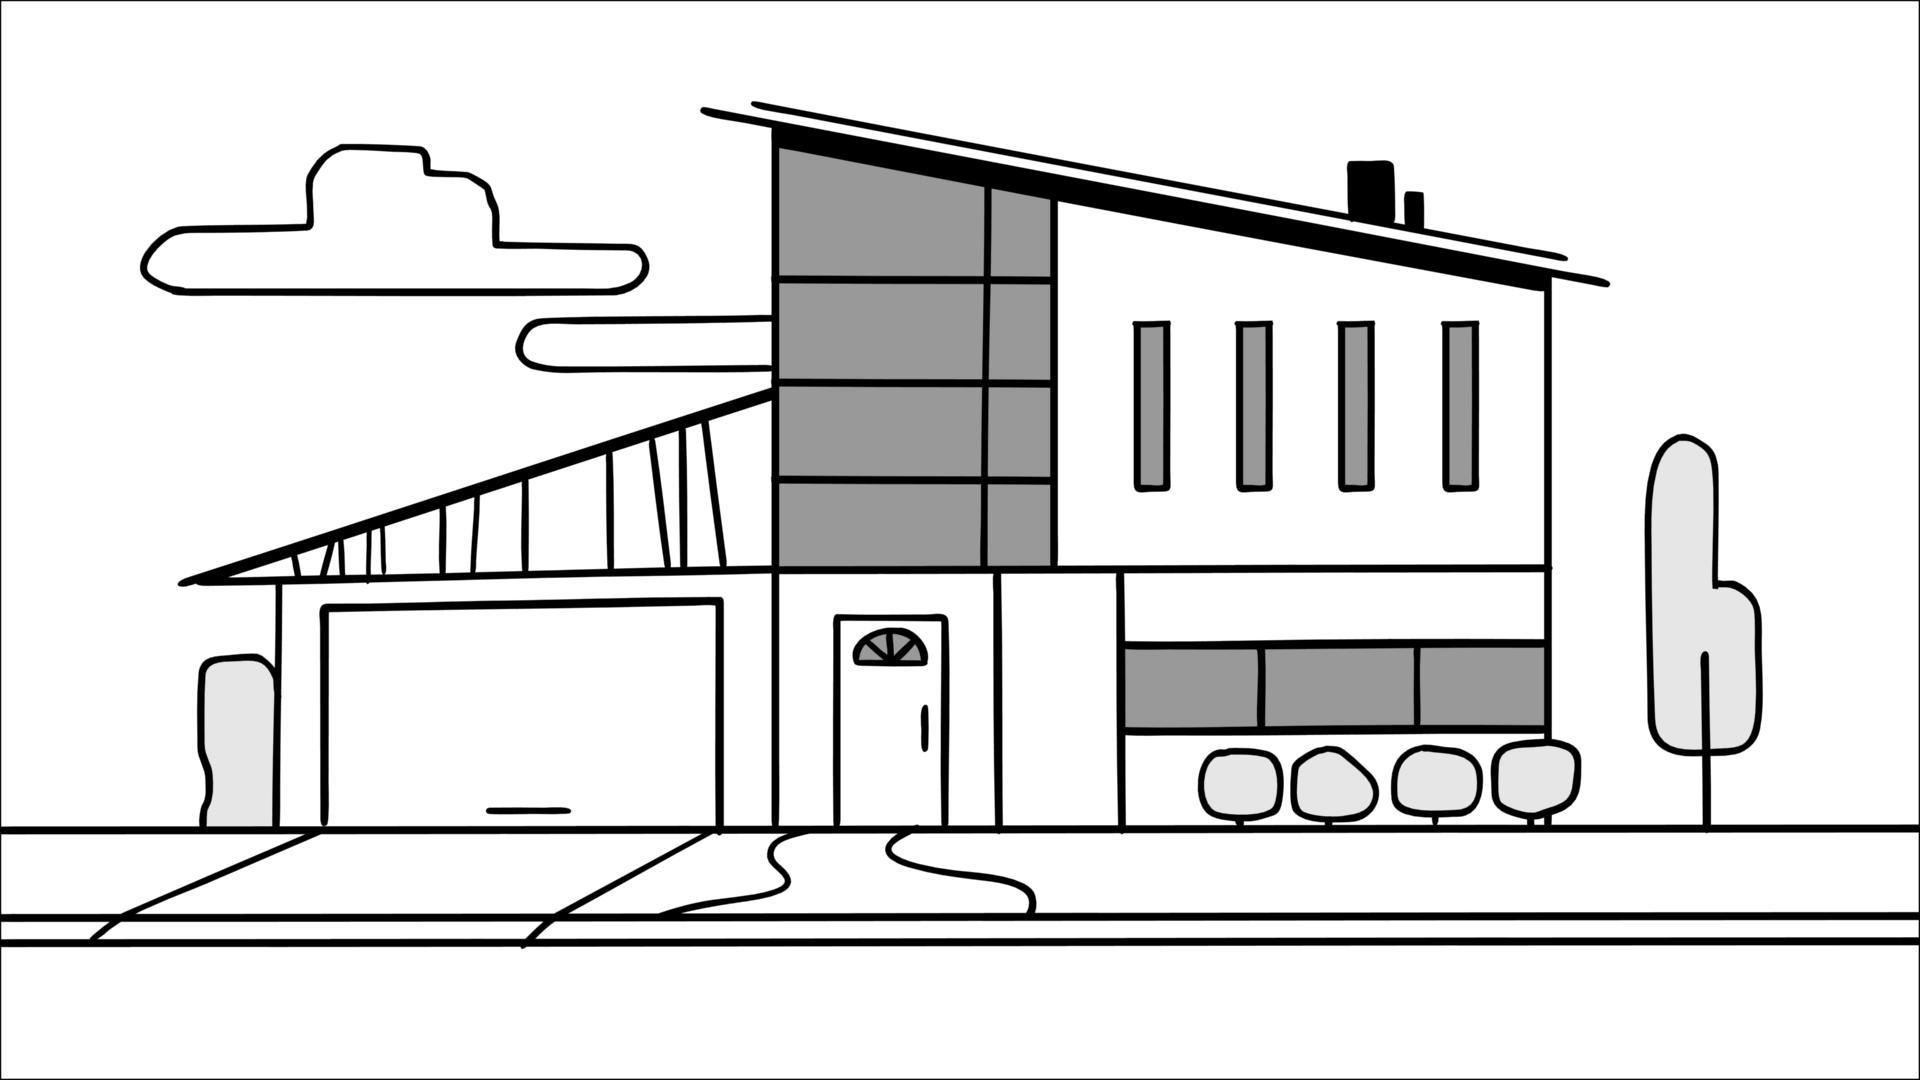 Opendoor_Storyboards-1-01.jpg